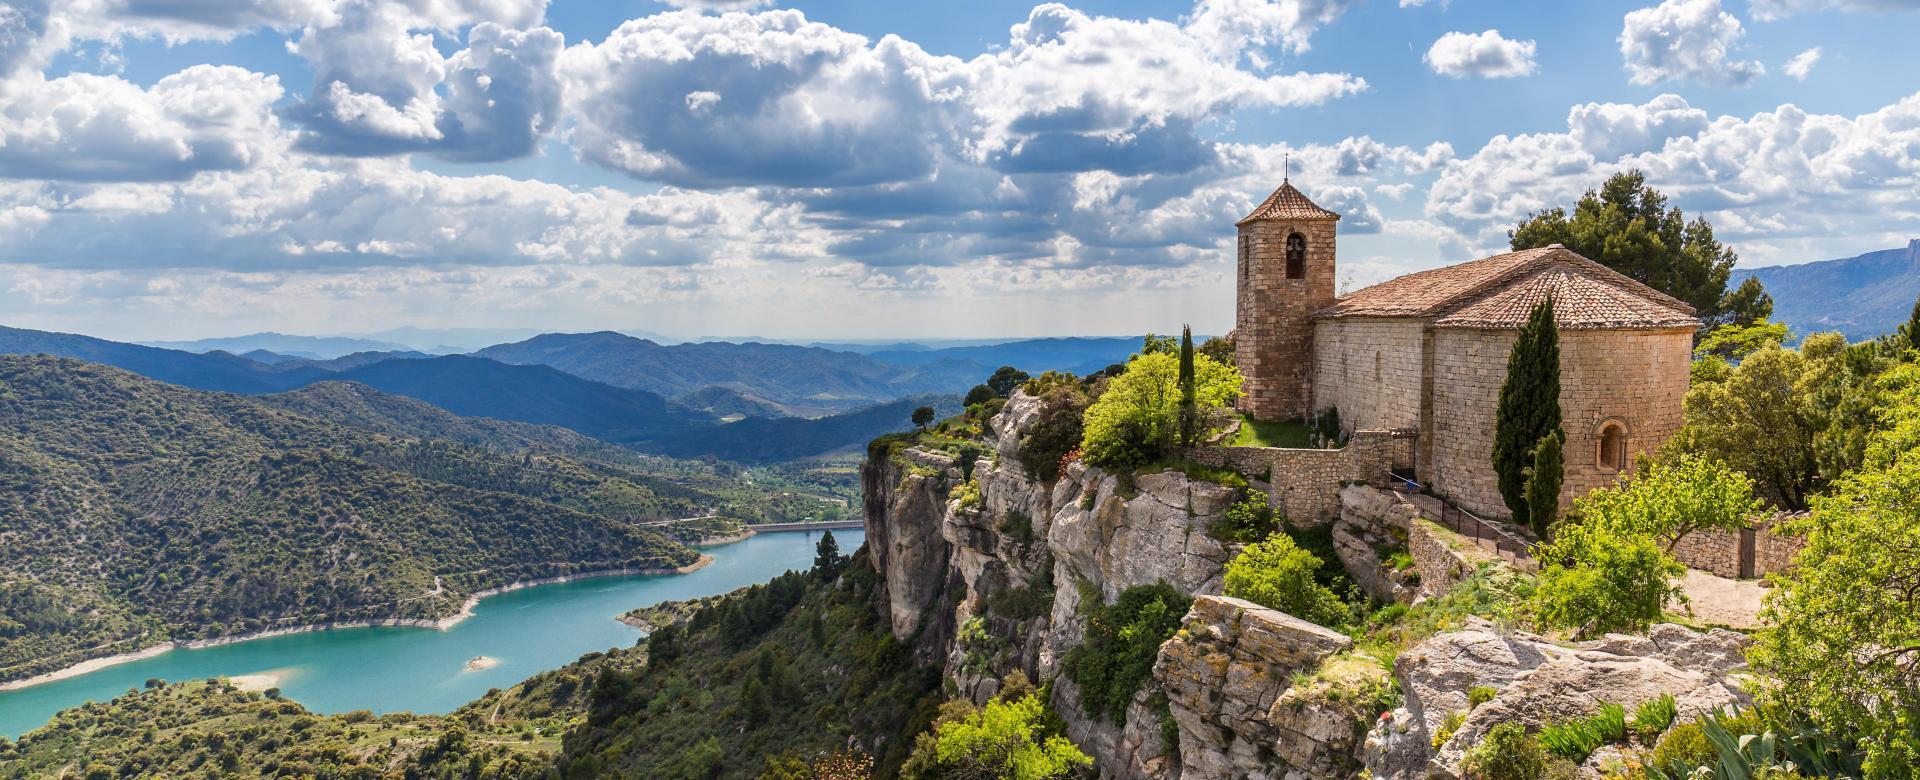 Voyage à pied Espagne : Priorat, le luberon de la catalogne